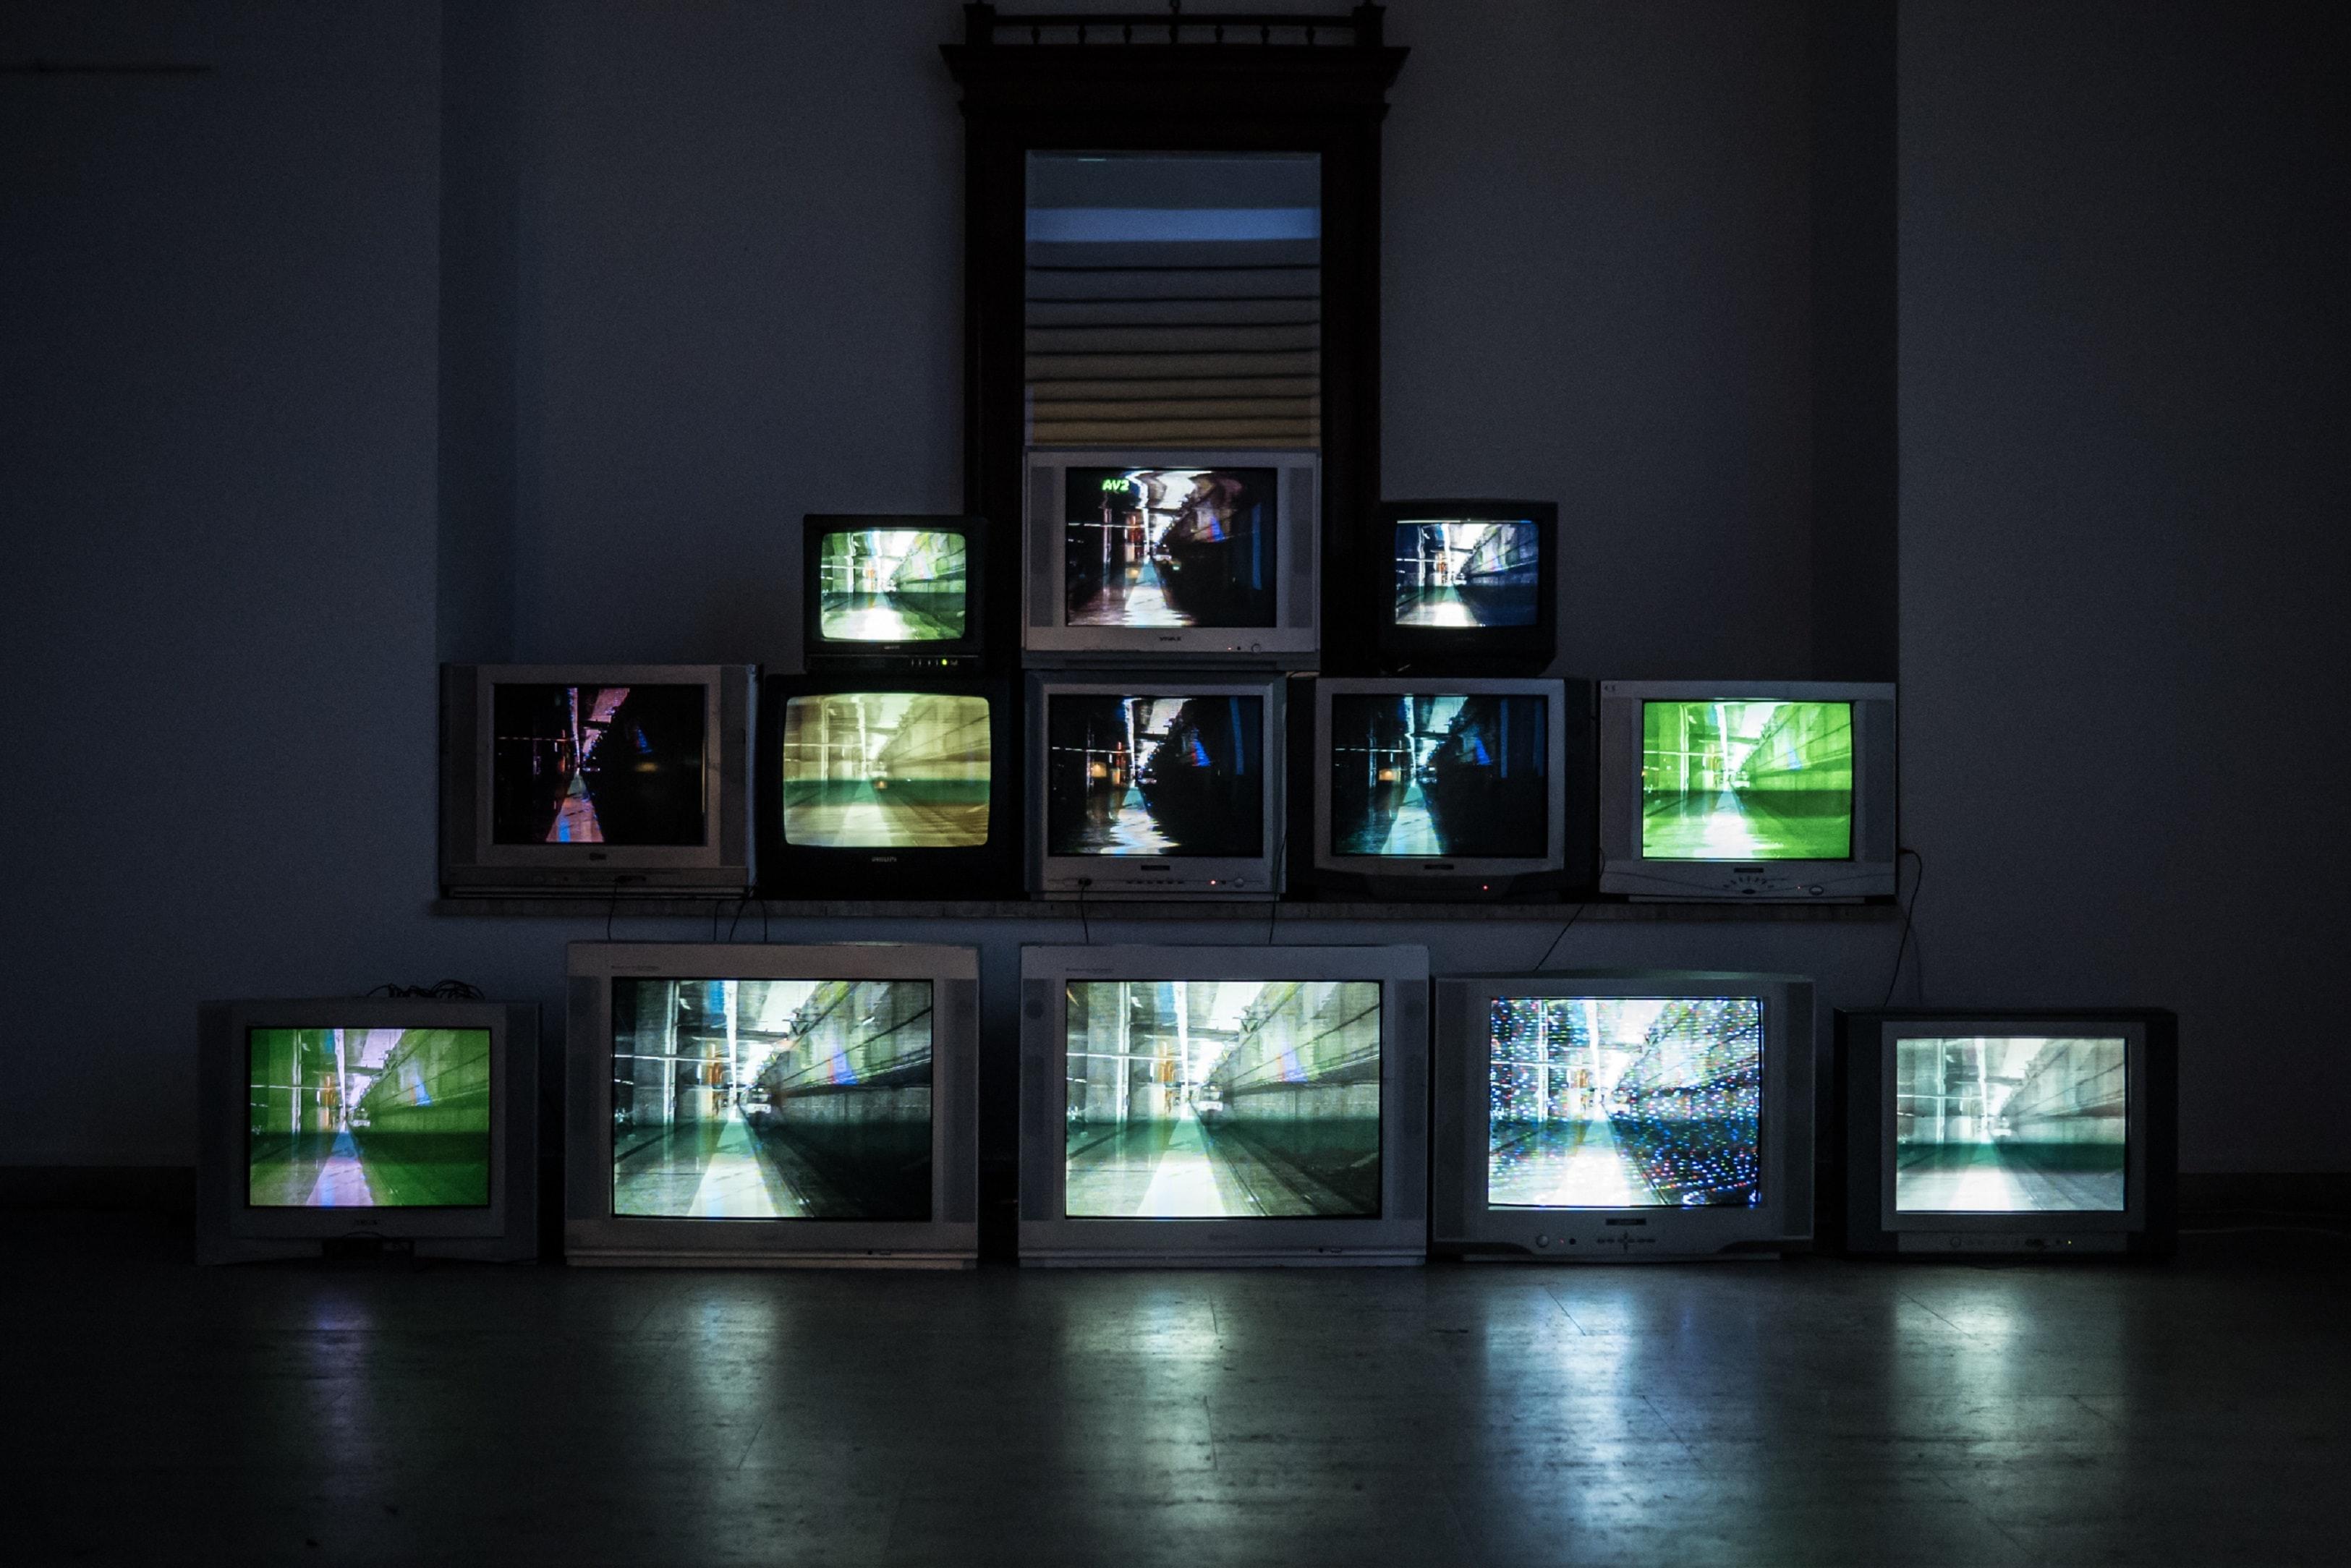 Television, Unsplash, scheier-hr-2rCggxMjd_8-unsplash